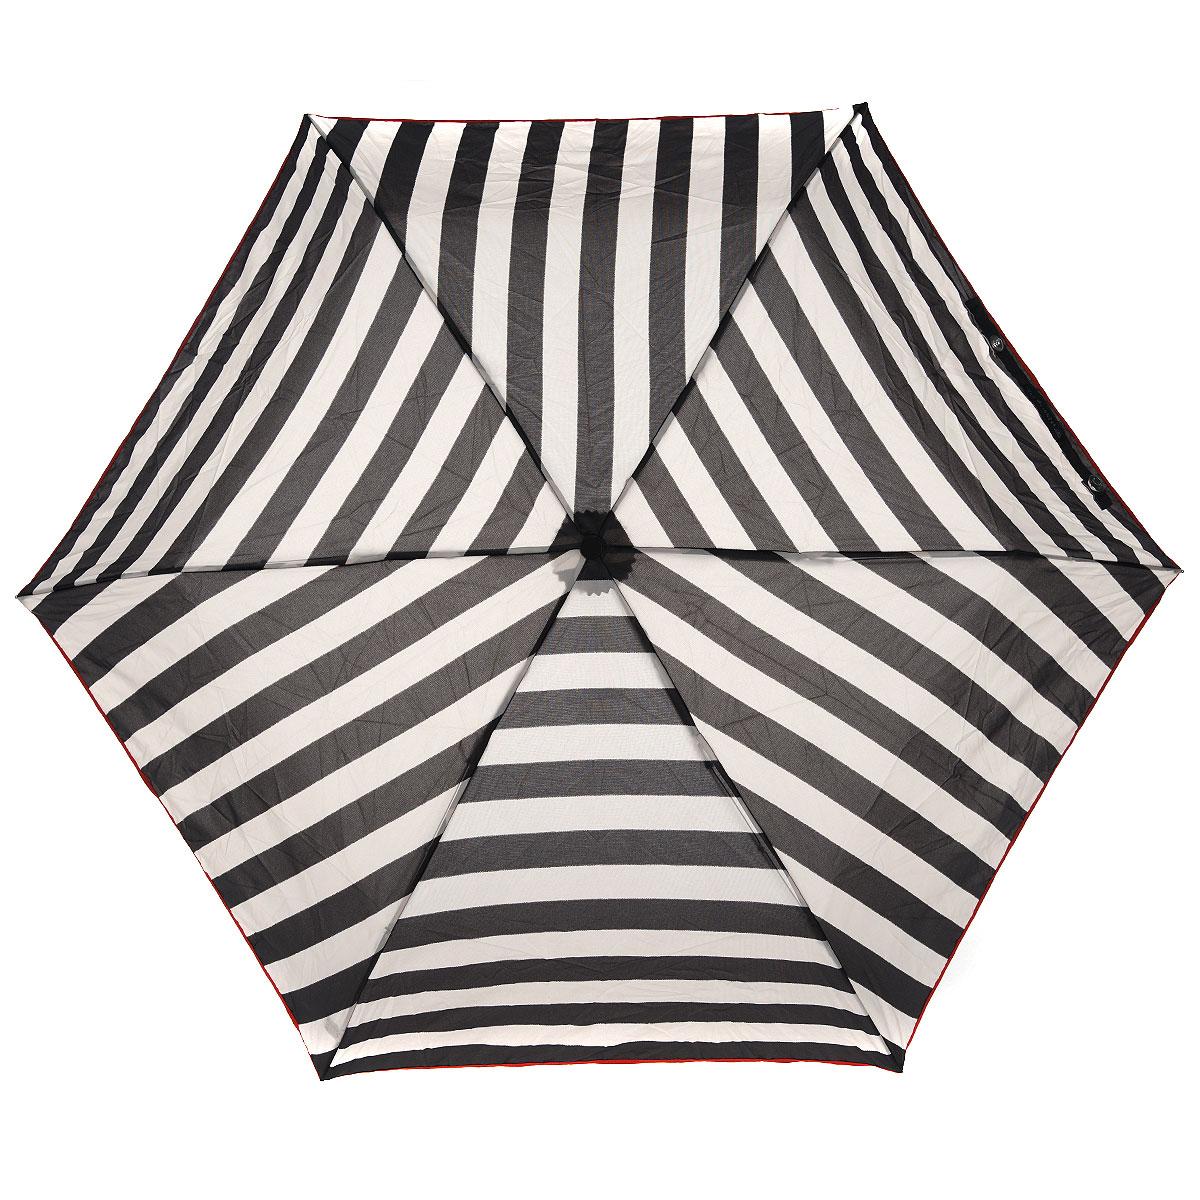 """Зонт женский Fulton Stripe, механический, 3 сложения, цвет: черный, бежевыйL718 2S2343Стильный компактный зонт Fulton """"Stripe"""" даже в ненастную погоду позволит вам оставаться женственной и элегантной. """"Ветростойкий"""" каркас зонта выполнен из алюминия и состоит из шести спиц с элементами из фибергласса, зонт оснащен удобной рукояткой из пластика. Купол зонта выполнен из прочного полиэстера и оформлен полосатым принтом. На рукоятке для удобства есть небольшой шнурок-резинка, позволяющий надеть зонт на руку тогда, когда это будет необходимо. К зонту прилагается чехол на липучке. Зонт механического сложения: купол открывается и закрывается вручную, стержень также складывается вручную до характерного щелчка. Компактный зонт диаметром 3 см в закрытом виде. Ветроустойчивый алюминиевый каркас в 3 сложения, 6 спиц с элементами из фибергласса, материал купола - полиэстер, диаметр купола - 86см. Длина зонта в сложенном виде - 22 см. Вес 138 гр."""